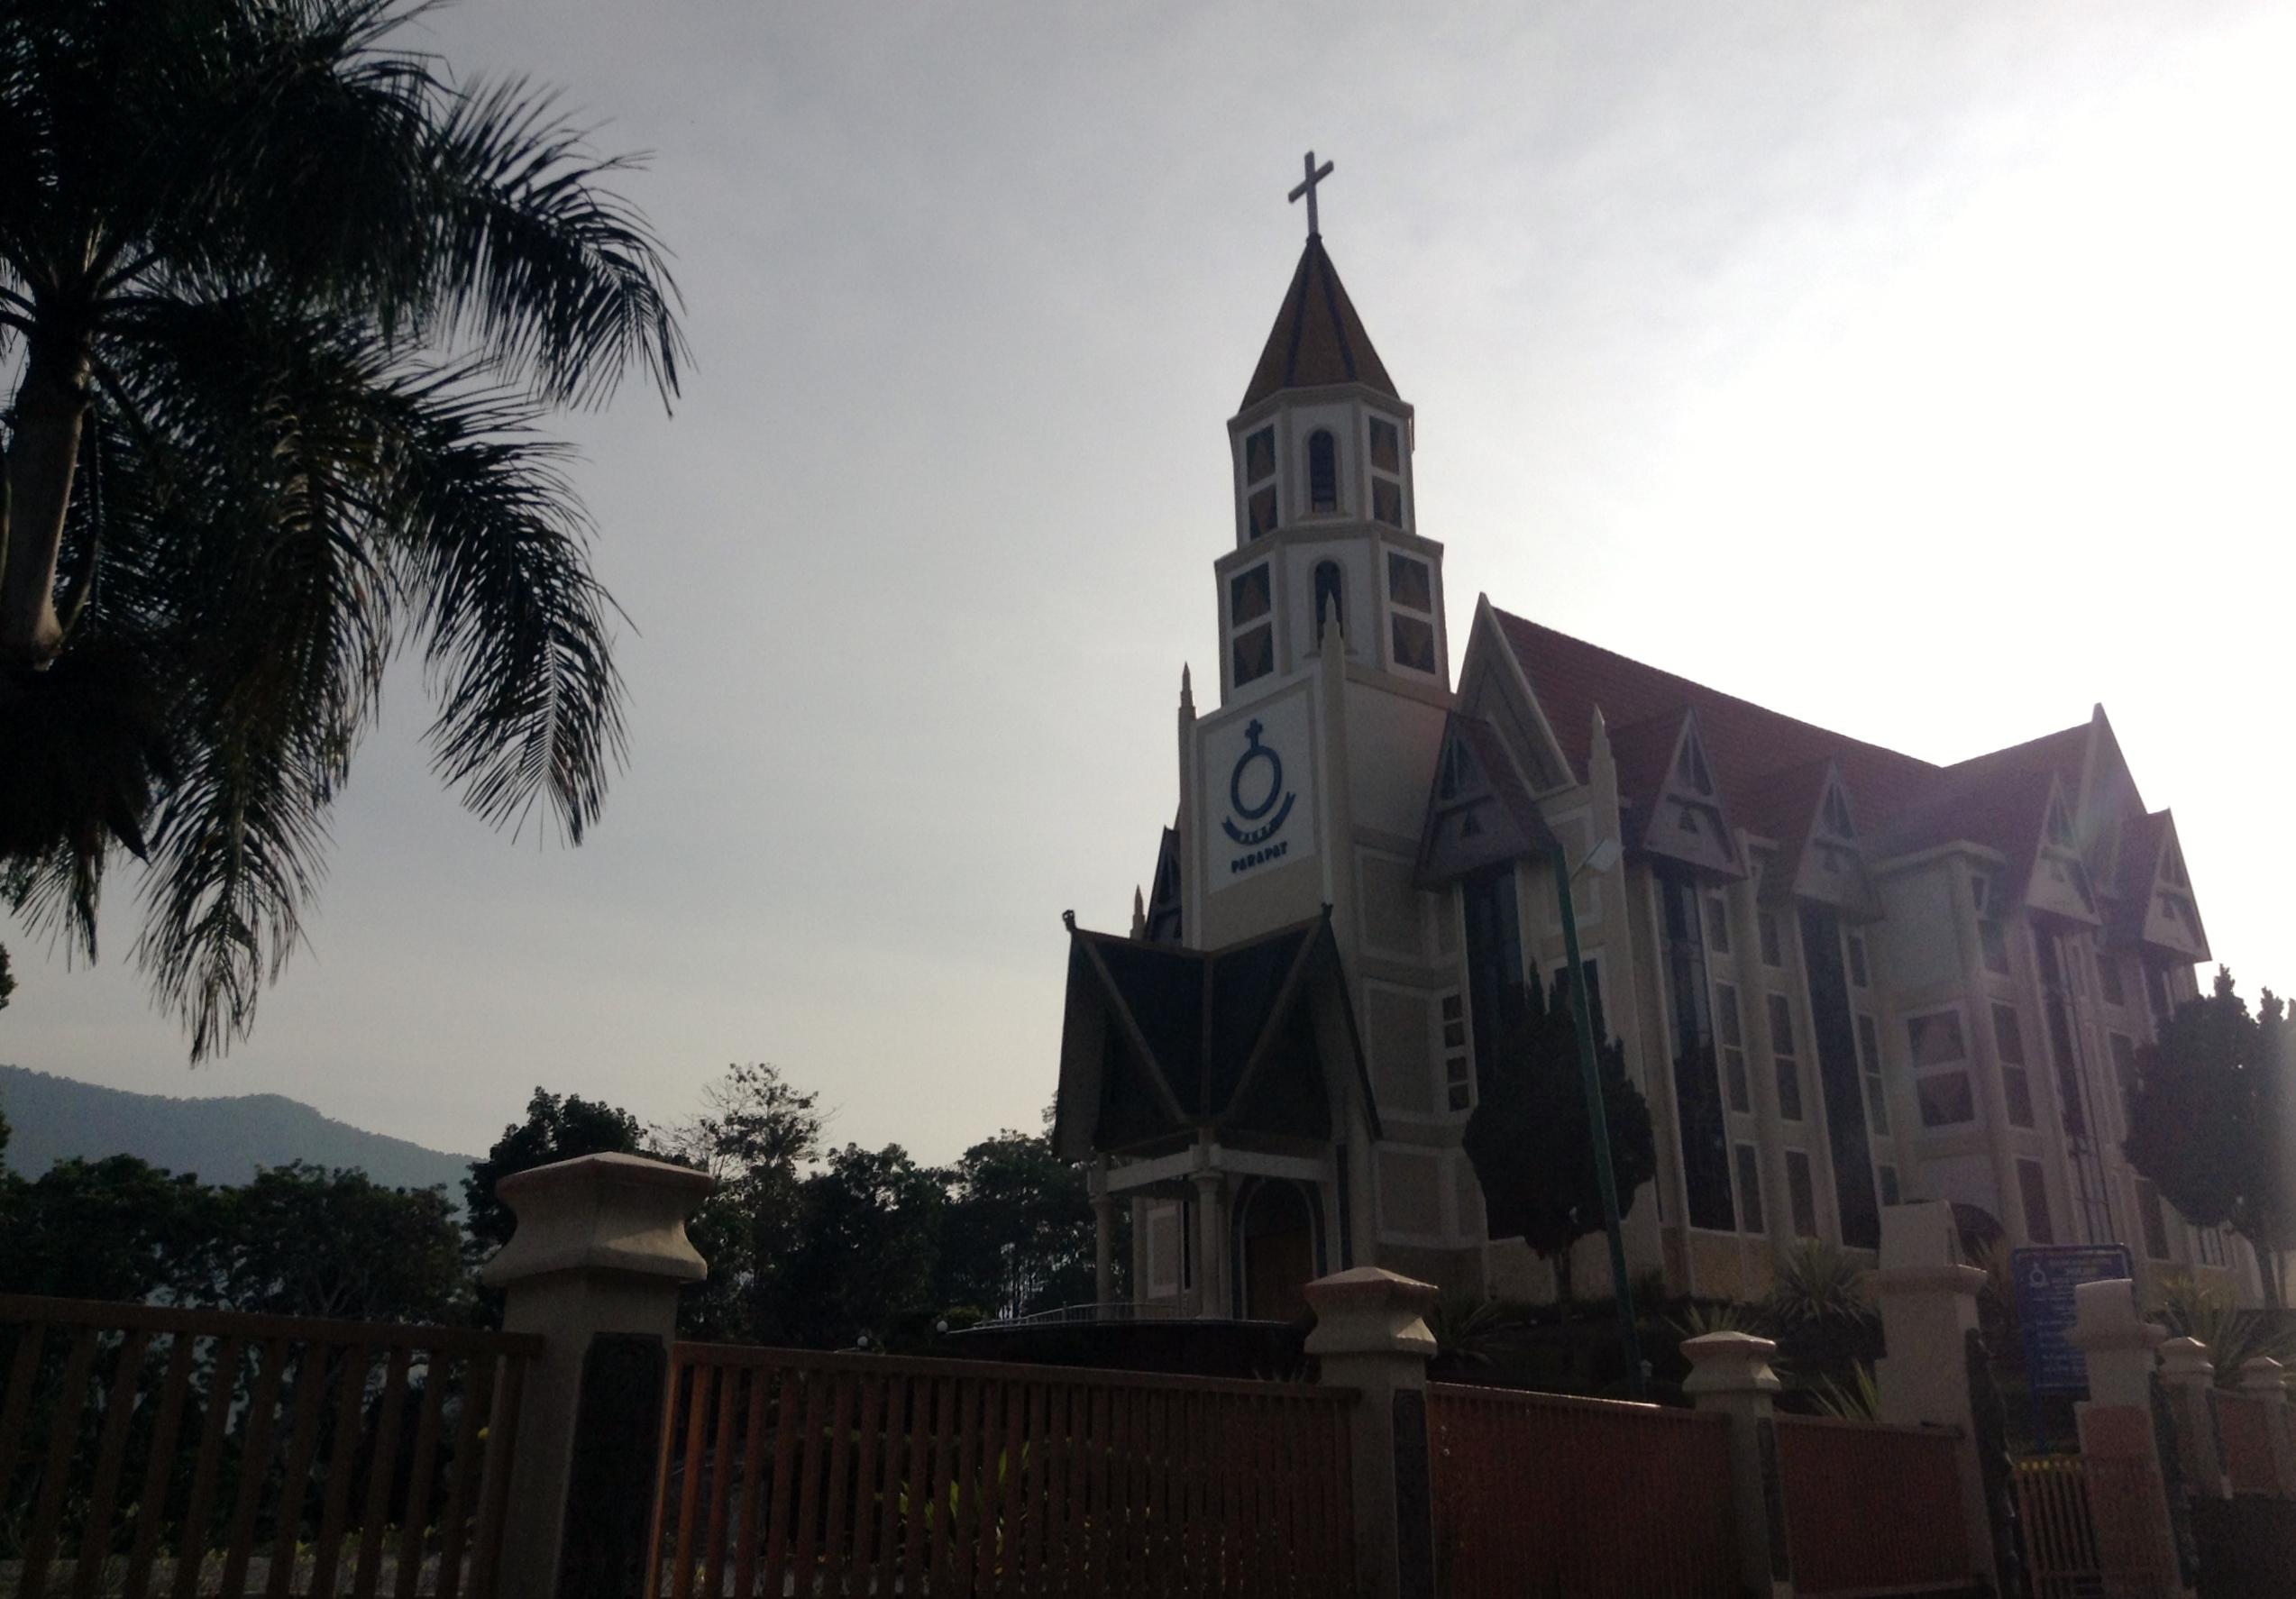 Radicales islámicos contra una iglesia protestante en Indonesia: No tienen el permiso para construir